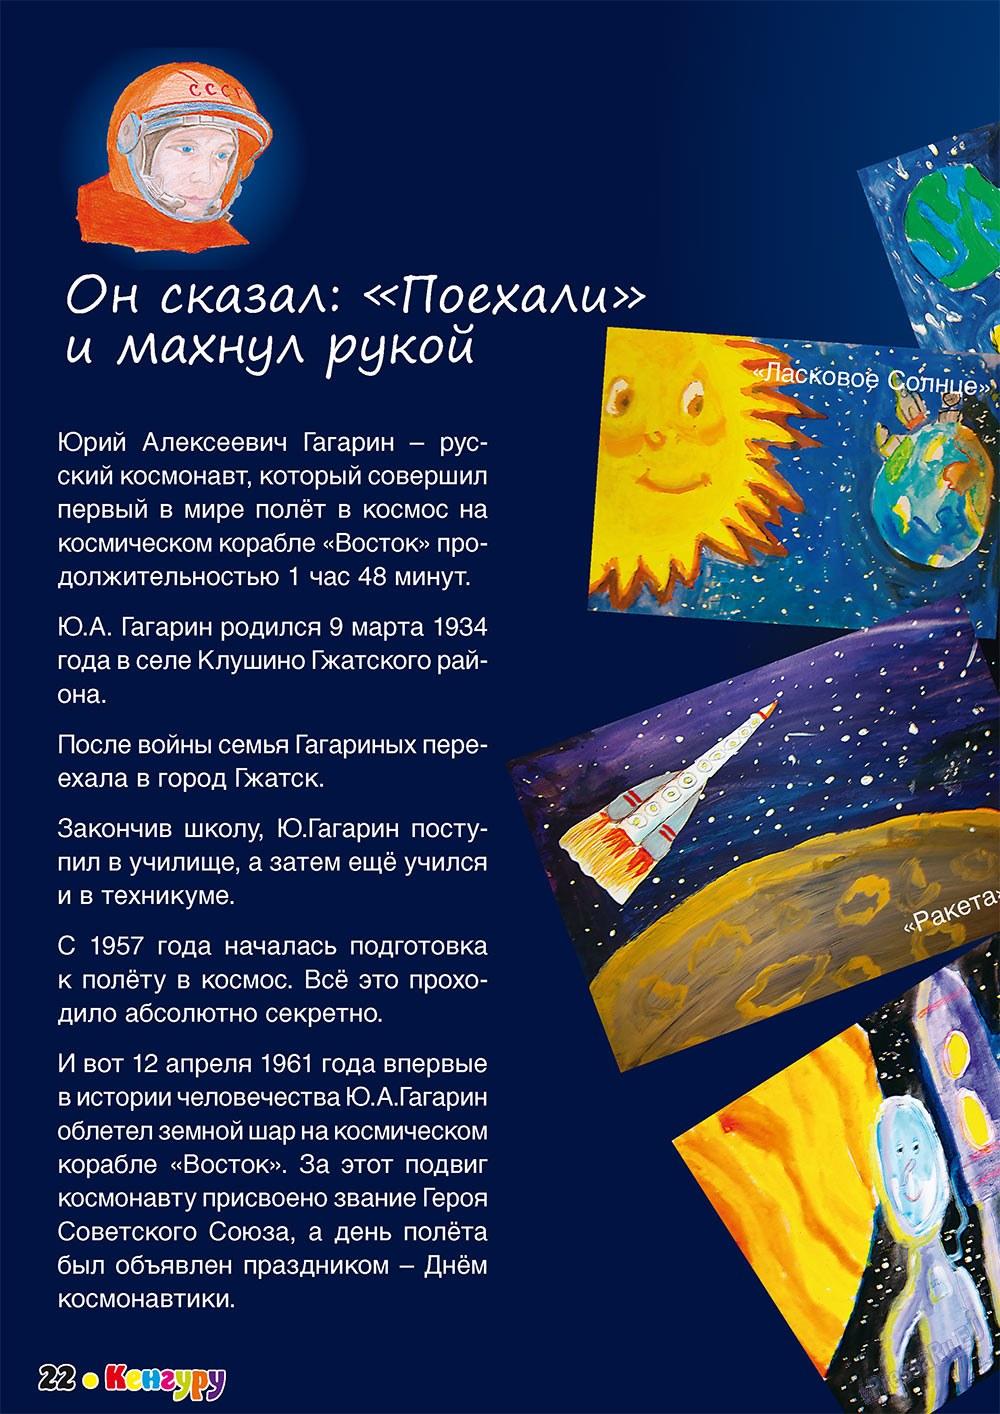 Кенгуру (журнал). 2011 год, номер 3, стр. 22